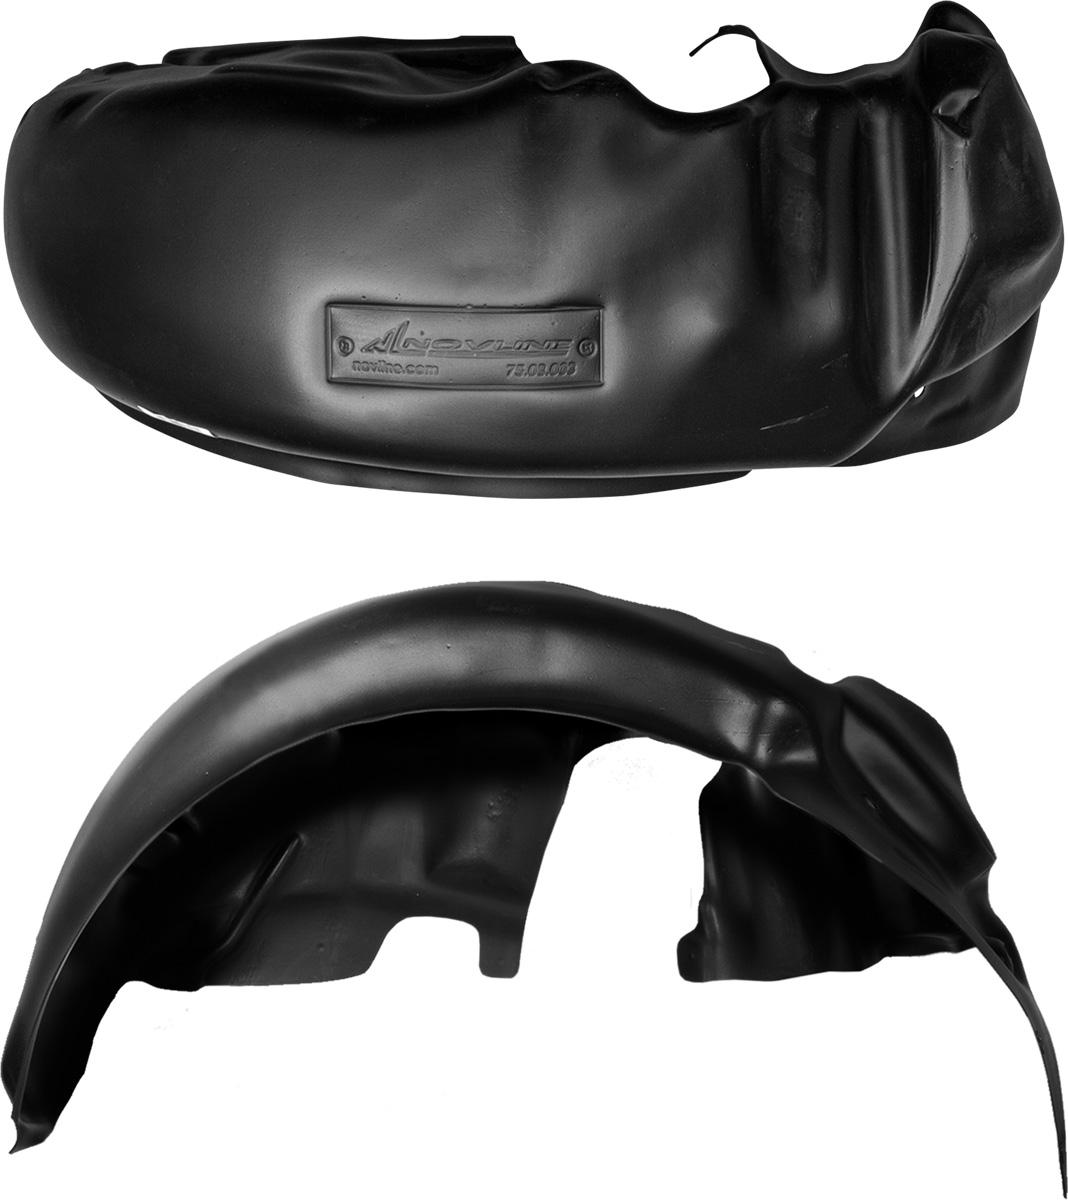 Подкрылок Novline-Autofamily, для CHEVROLET Spark 2010-, задний правыйNLL.08.14.004Колесные ниши - одни из самых уязвимых зон днища вашего автомобиля. Они постоянно подвергаются воздействию со стороны дороги. Лучшая, почти абсолютная защита для них - специально отформованные пластиковые кожухи, которые называются подкрылками. Производятся они как для отечественных моделей автомобилей, так и для иномарок. Подкрылки Novline-Autofamily выполнены из высококачественного, экологически чистого пластика. Обеспечивают надежную защиту кузова автомобиля от пескоструйного эффекта и негативного влияния, агрессивных антигололедных реагентов. Пластик обладает более низкой теплопроводностью, чем металл, поэтому в зимний период эксплуатации использование пластиковых подкрылков позволяет лучше защитить колесные ниши от налипания снега и образования наледи. Оригинальность конструкции подчеркивает элегантность автомобиля, бережно защищает нанесенное на днище кузова антикоррозийное покрытие и позволяет осуществить крепление подкрылков внутри колесной арки практически без дополнительного крепежа и сверления, не нарушая при этом лакокрасочного покрытия, что предотвращает возникновение новых очагов коррозии. Подкрылки долговечны, обладают высокой прочностью и сохраняют заданную форму, а также все свои физико-механические характеристики в самых тяжелых климатических условиях (от -50°С до +50°С).Уважаемые клиенты!Обращаем ваше внимание, на тот факт, что подкрылок имеет форму, соответствующую модели данного автомобиля. Фото служит для визуального восприятия товара.